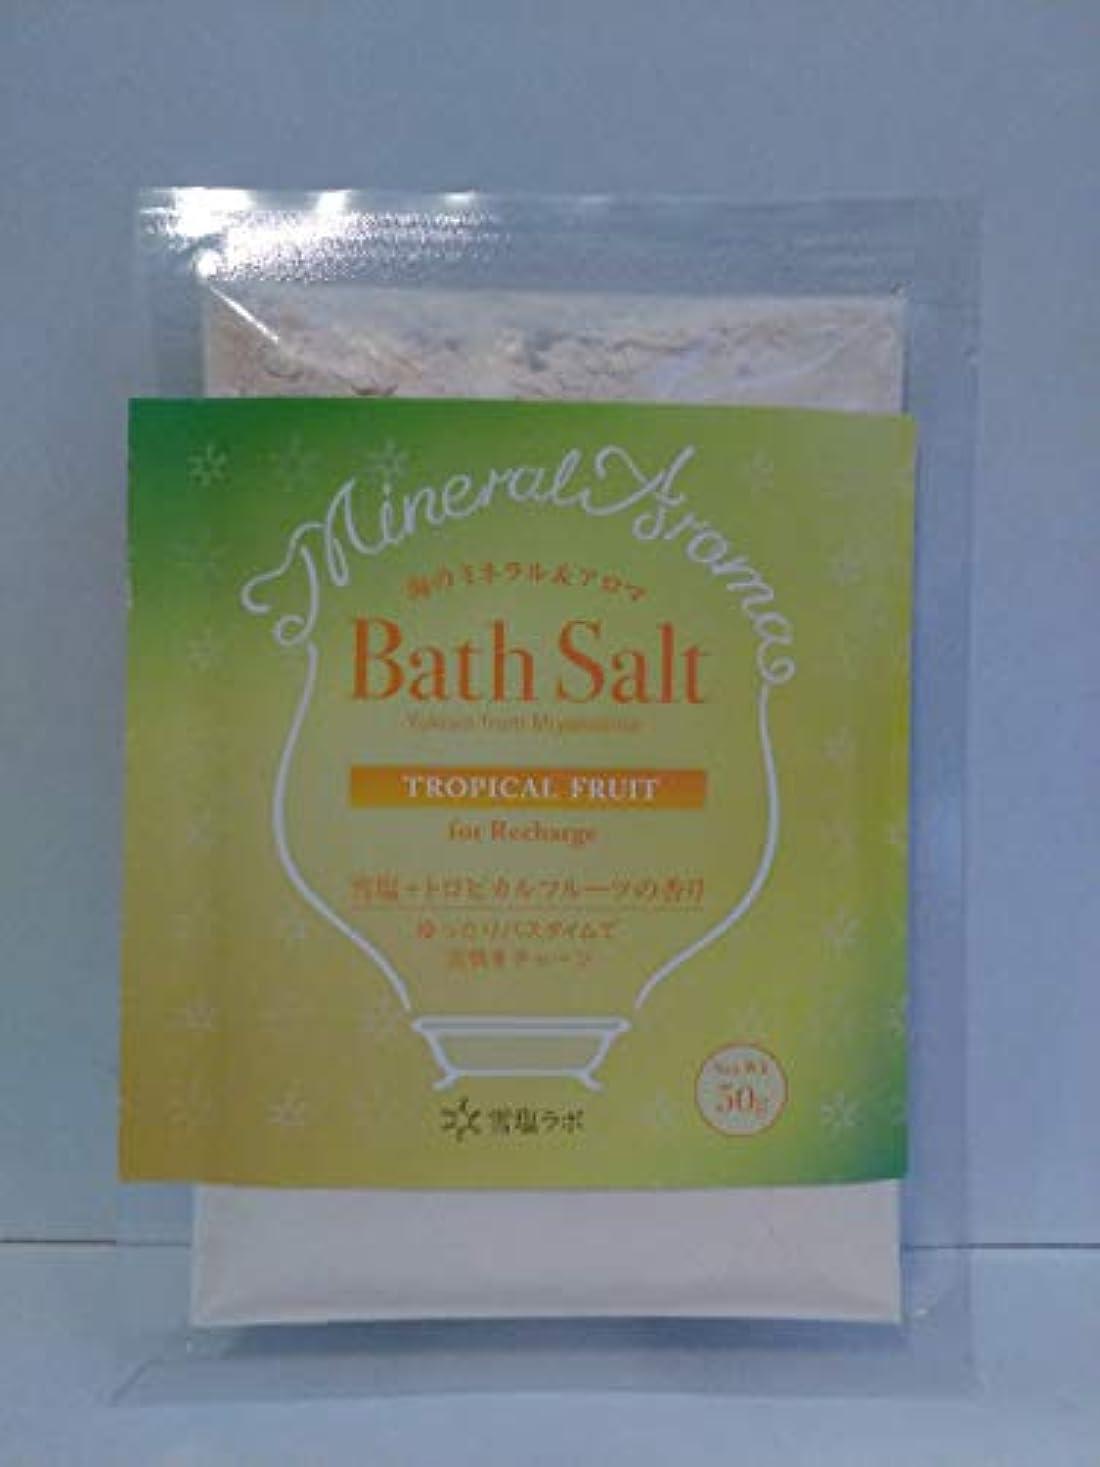 に対処する品種望む海のミネラル&アロマ Bath Salt 雪塩+トロピカルフルーツの香り